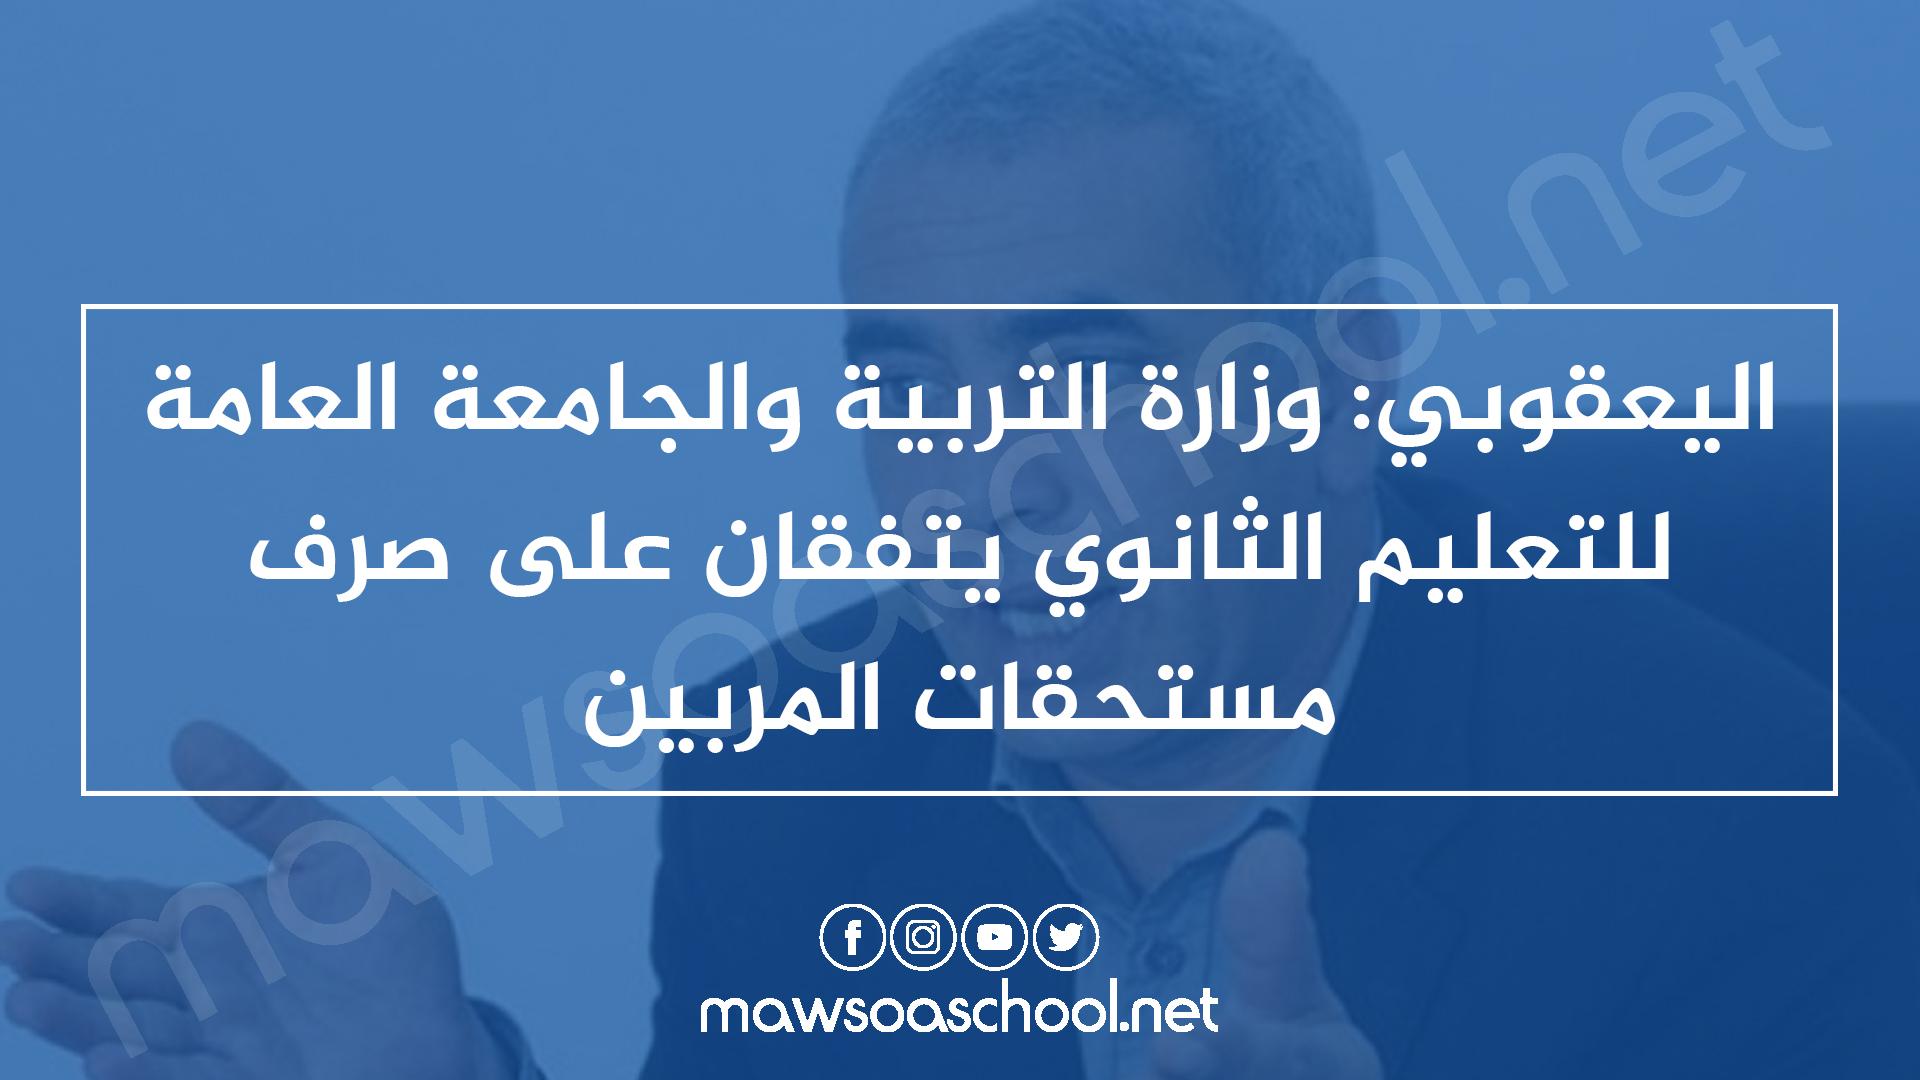 اليعقوبي: وزارة التربية والجامعة العامة للتعليم الثانوي يتفقان على صرف مستحقات المربين